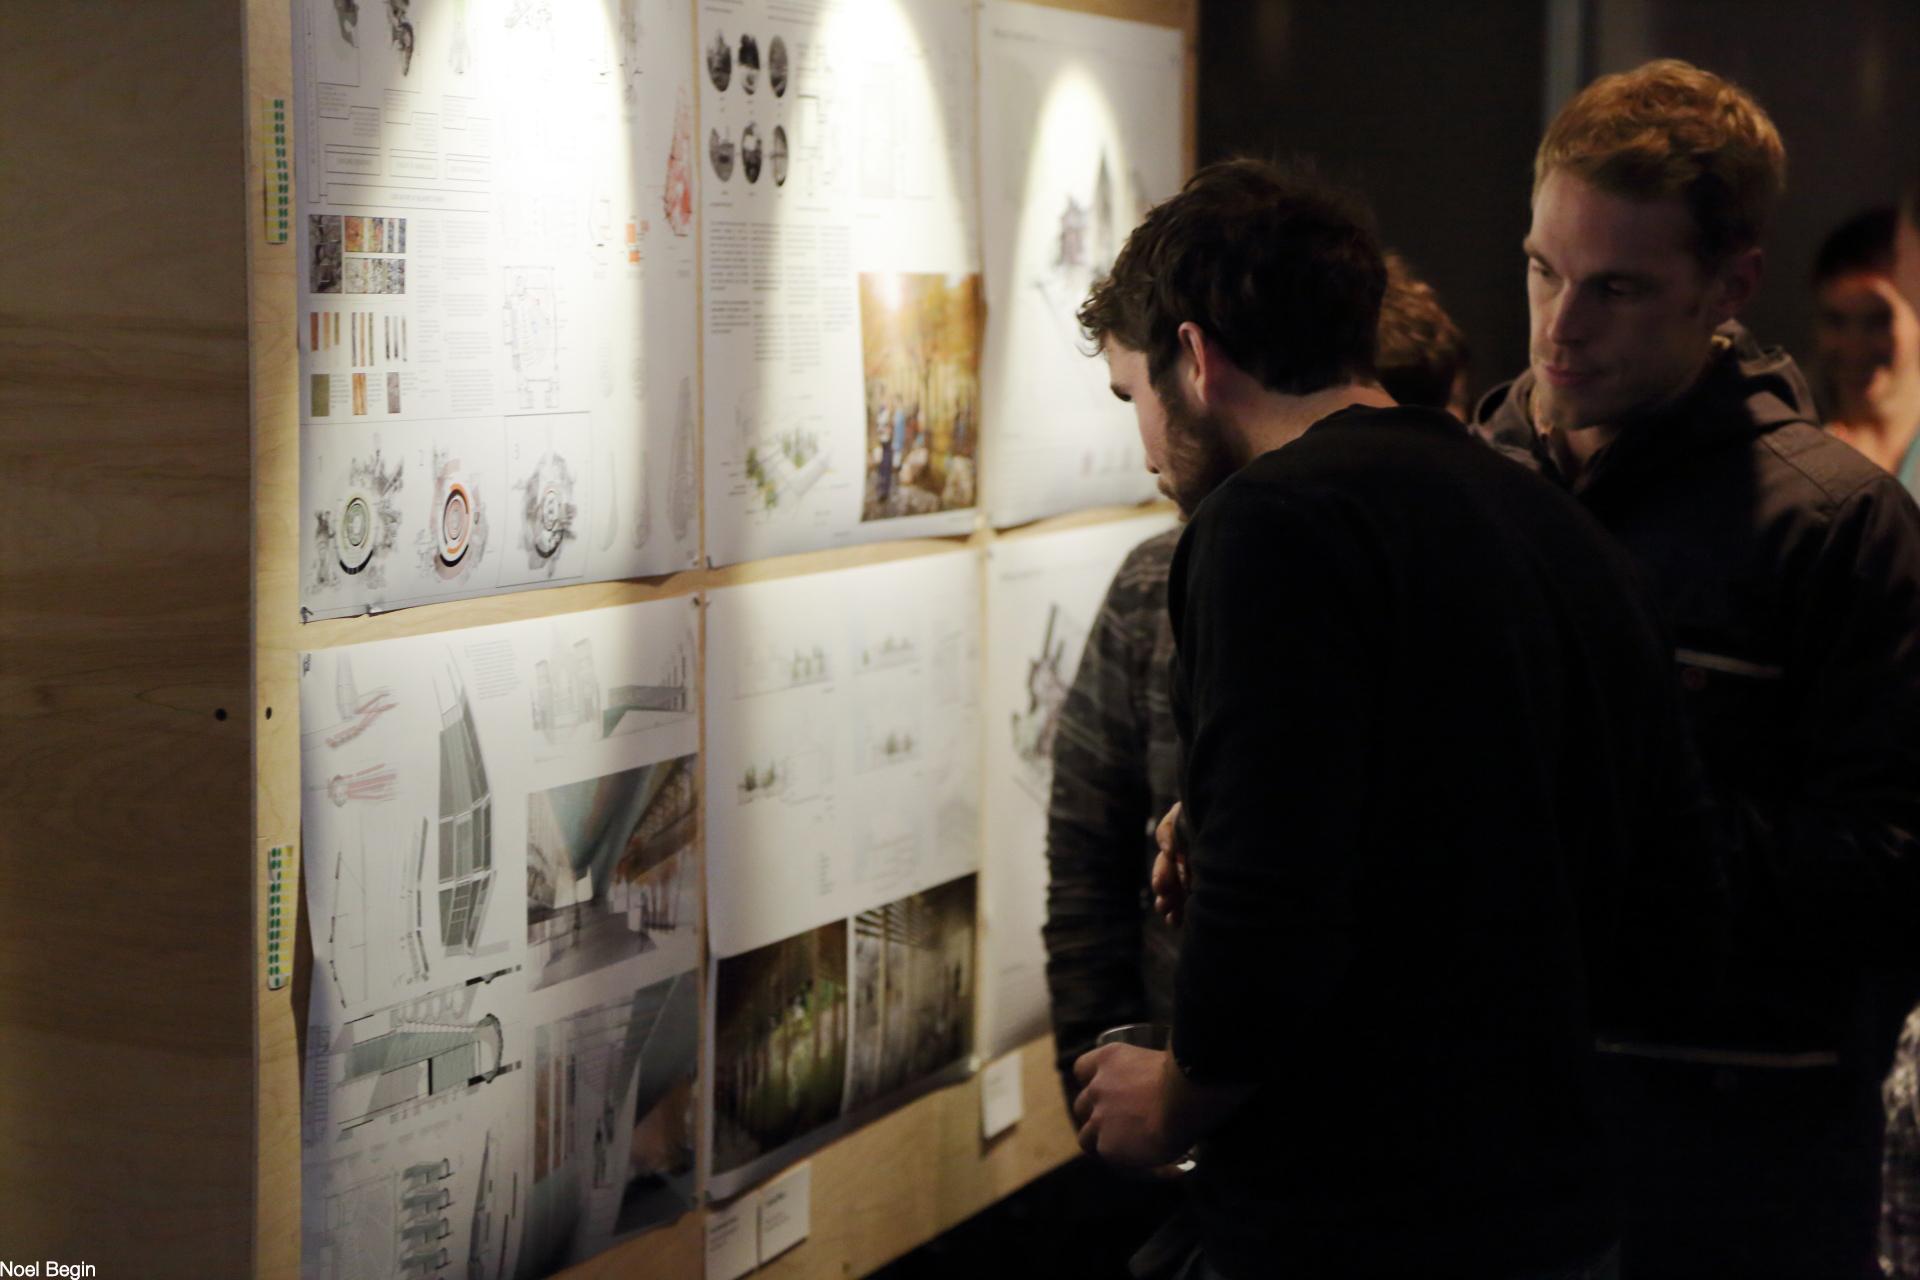 Hillhurst United Design Competition at Remix, image: Noel Begin